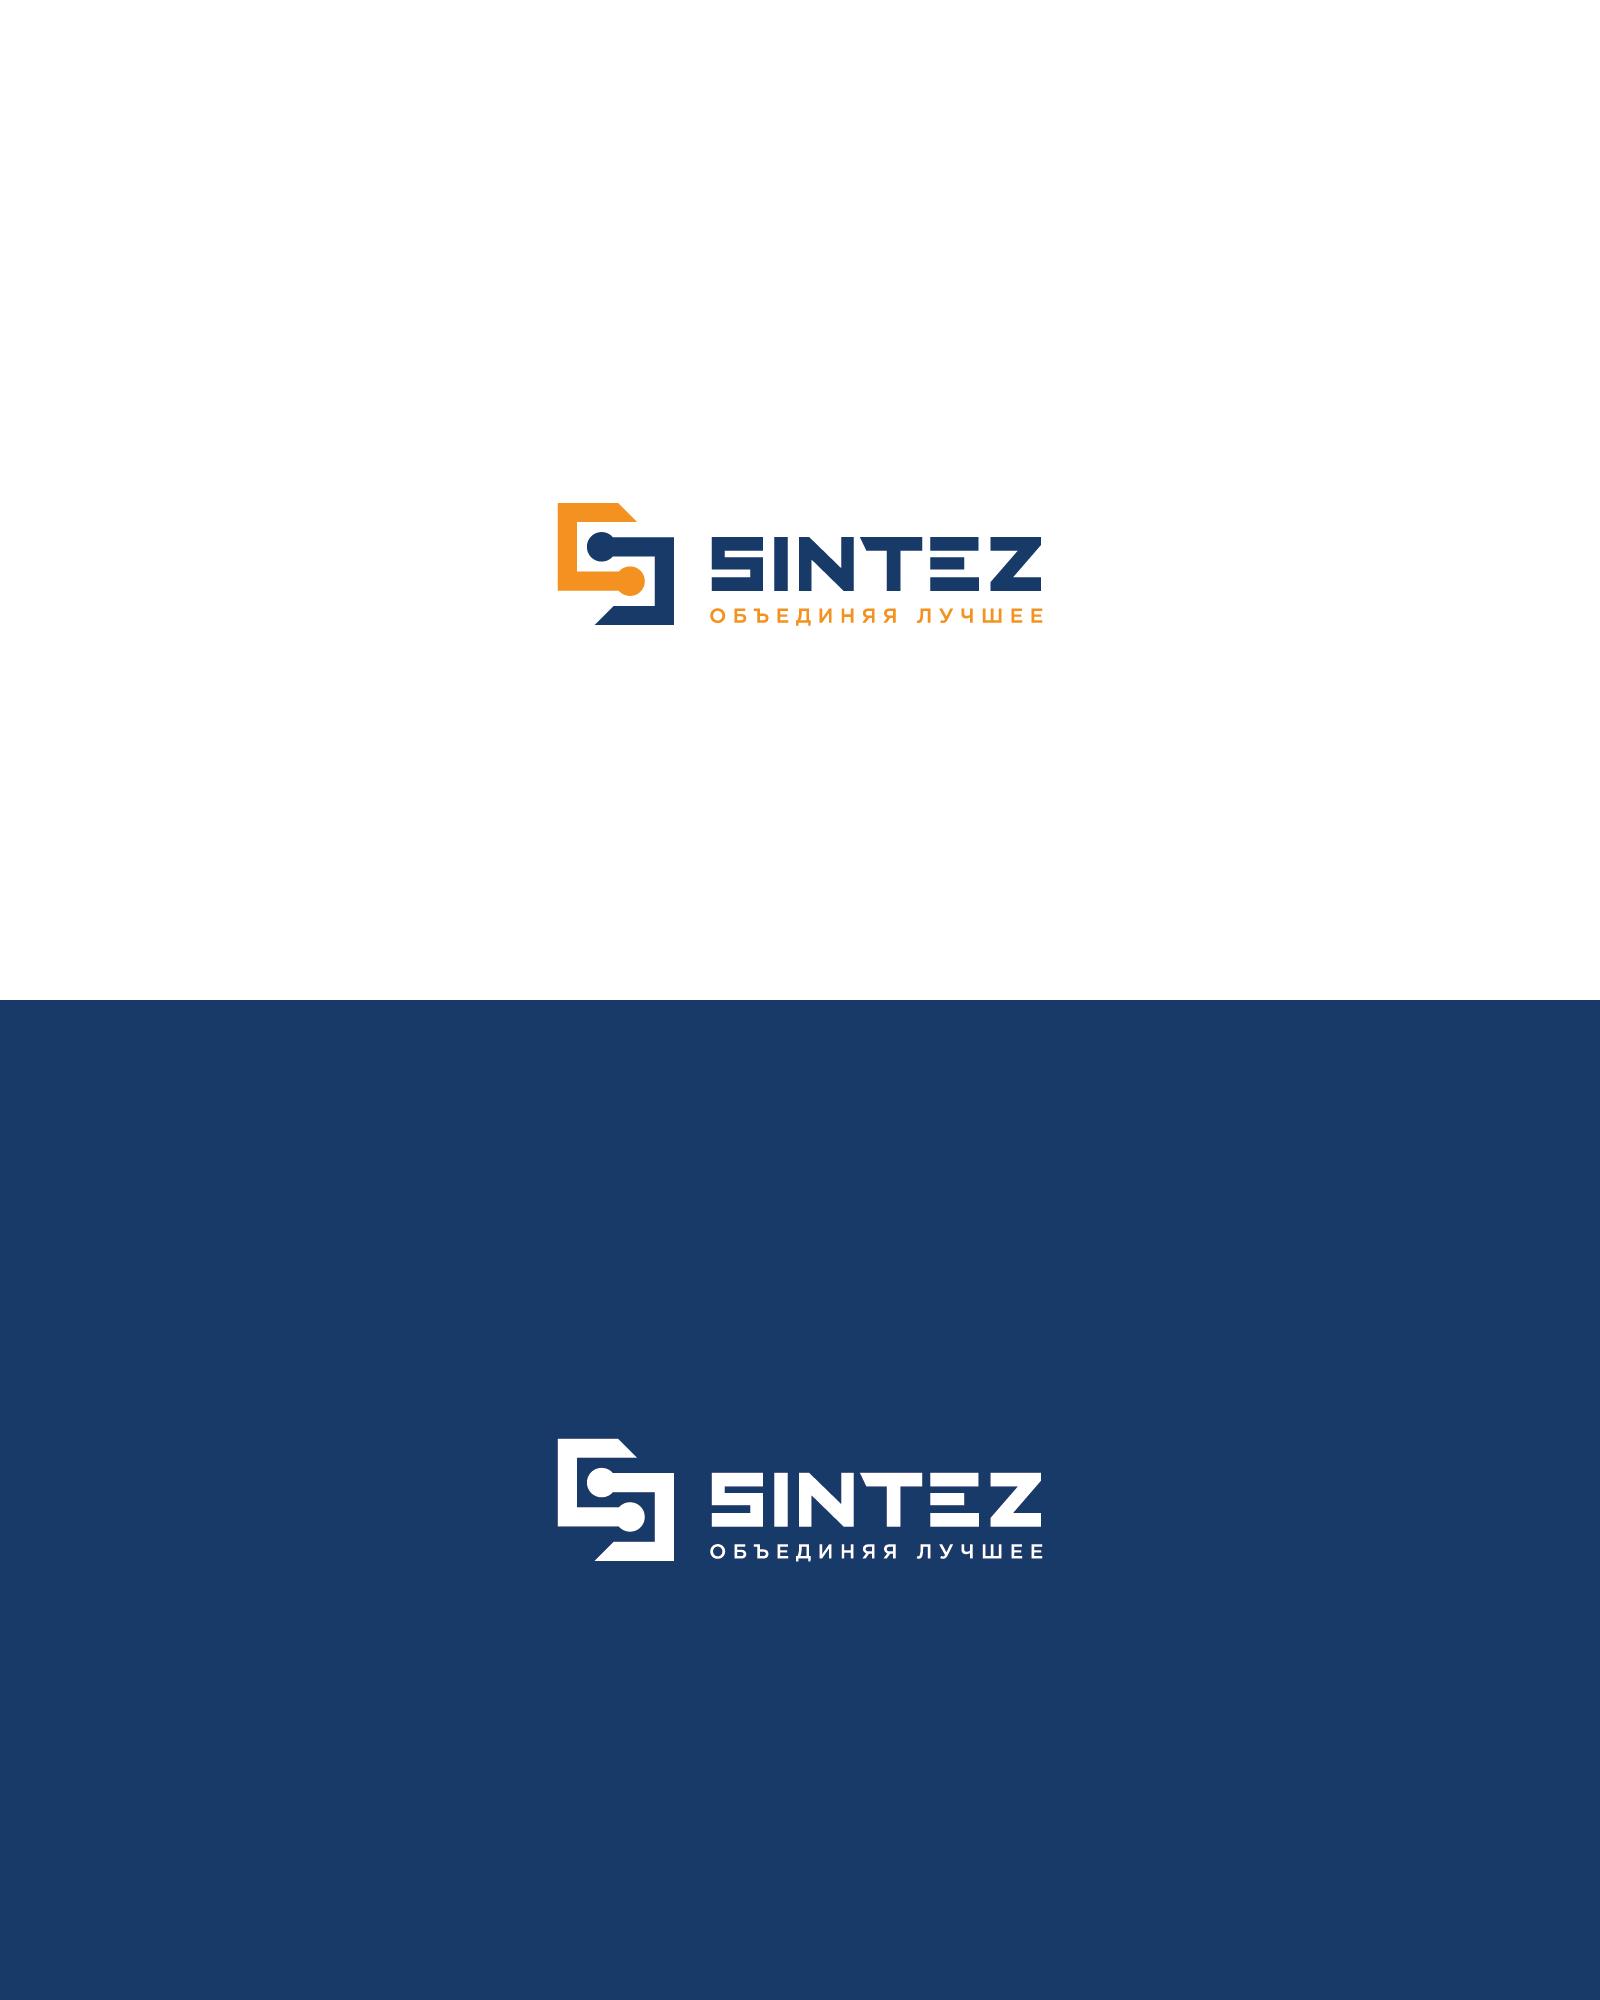 Разрабтка логотипа компании и фирменного шрифта фото f_4065f6317909884a.png